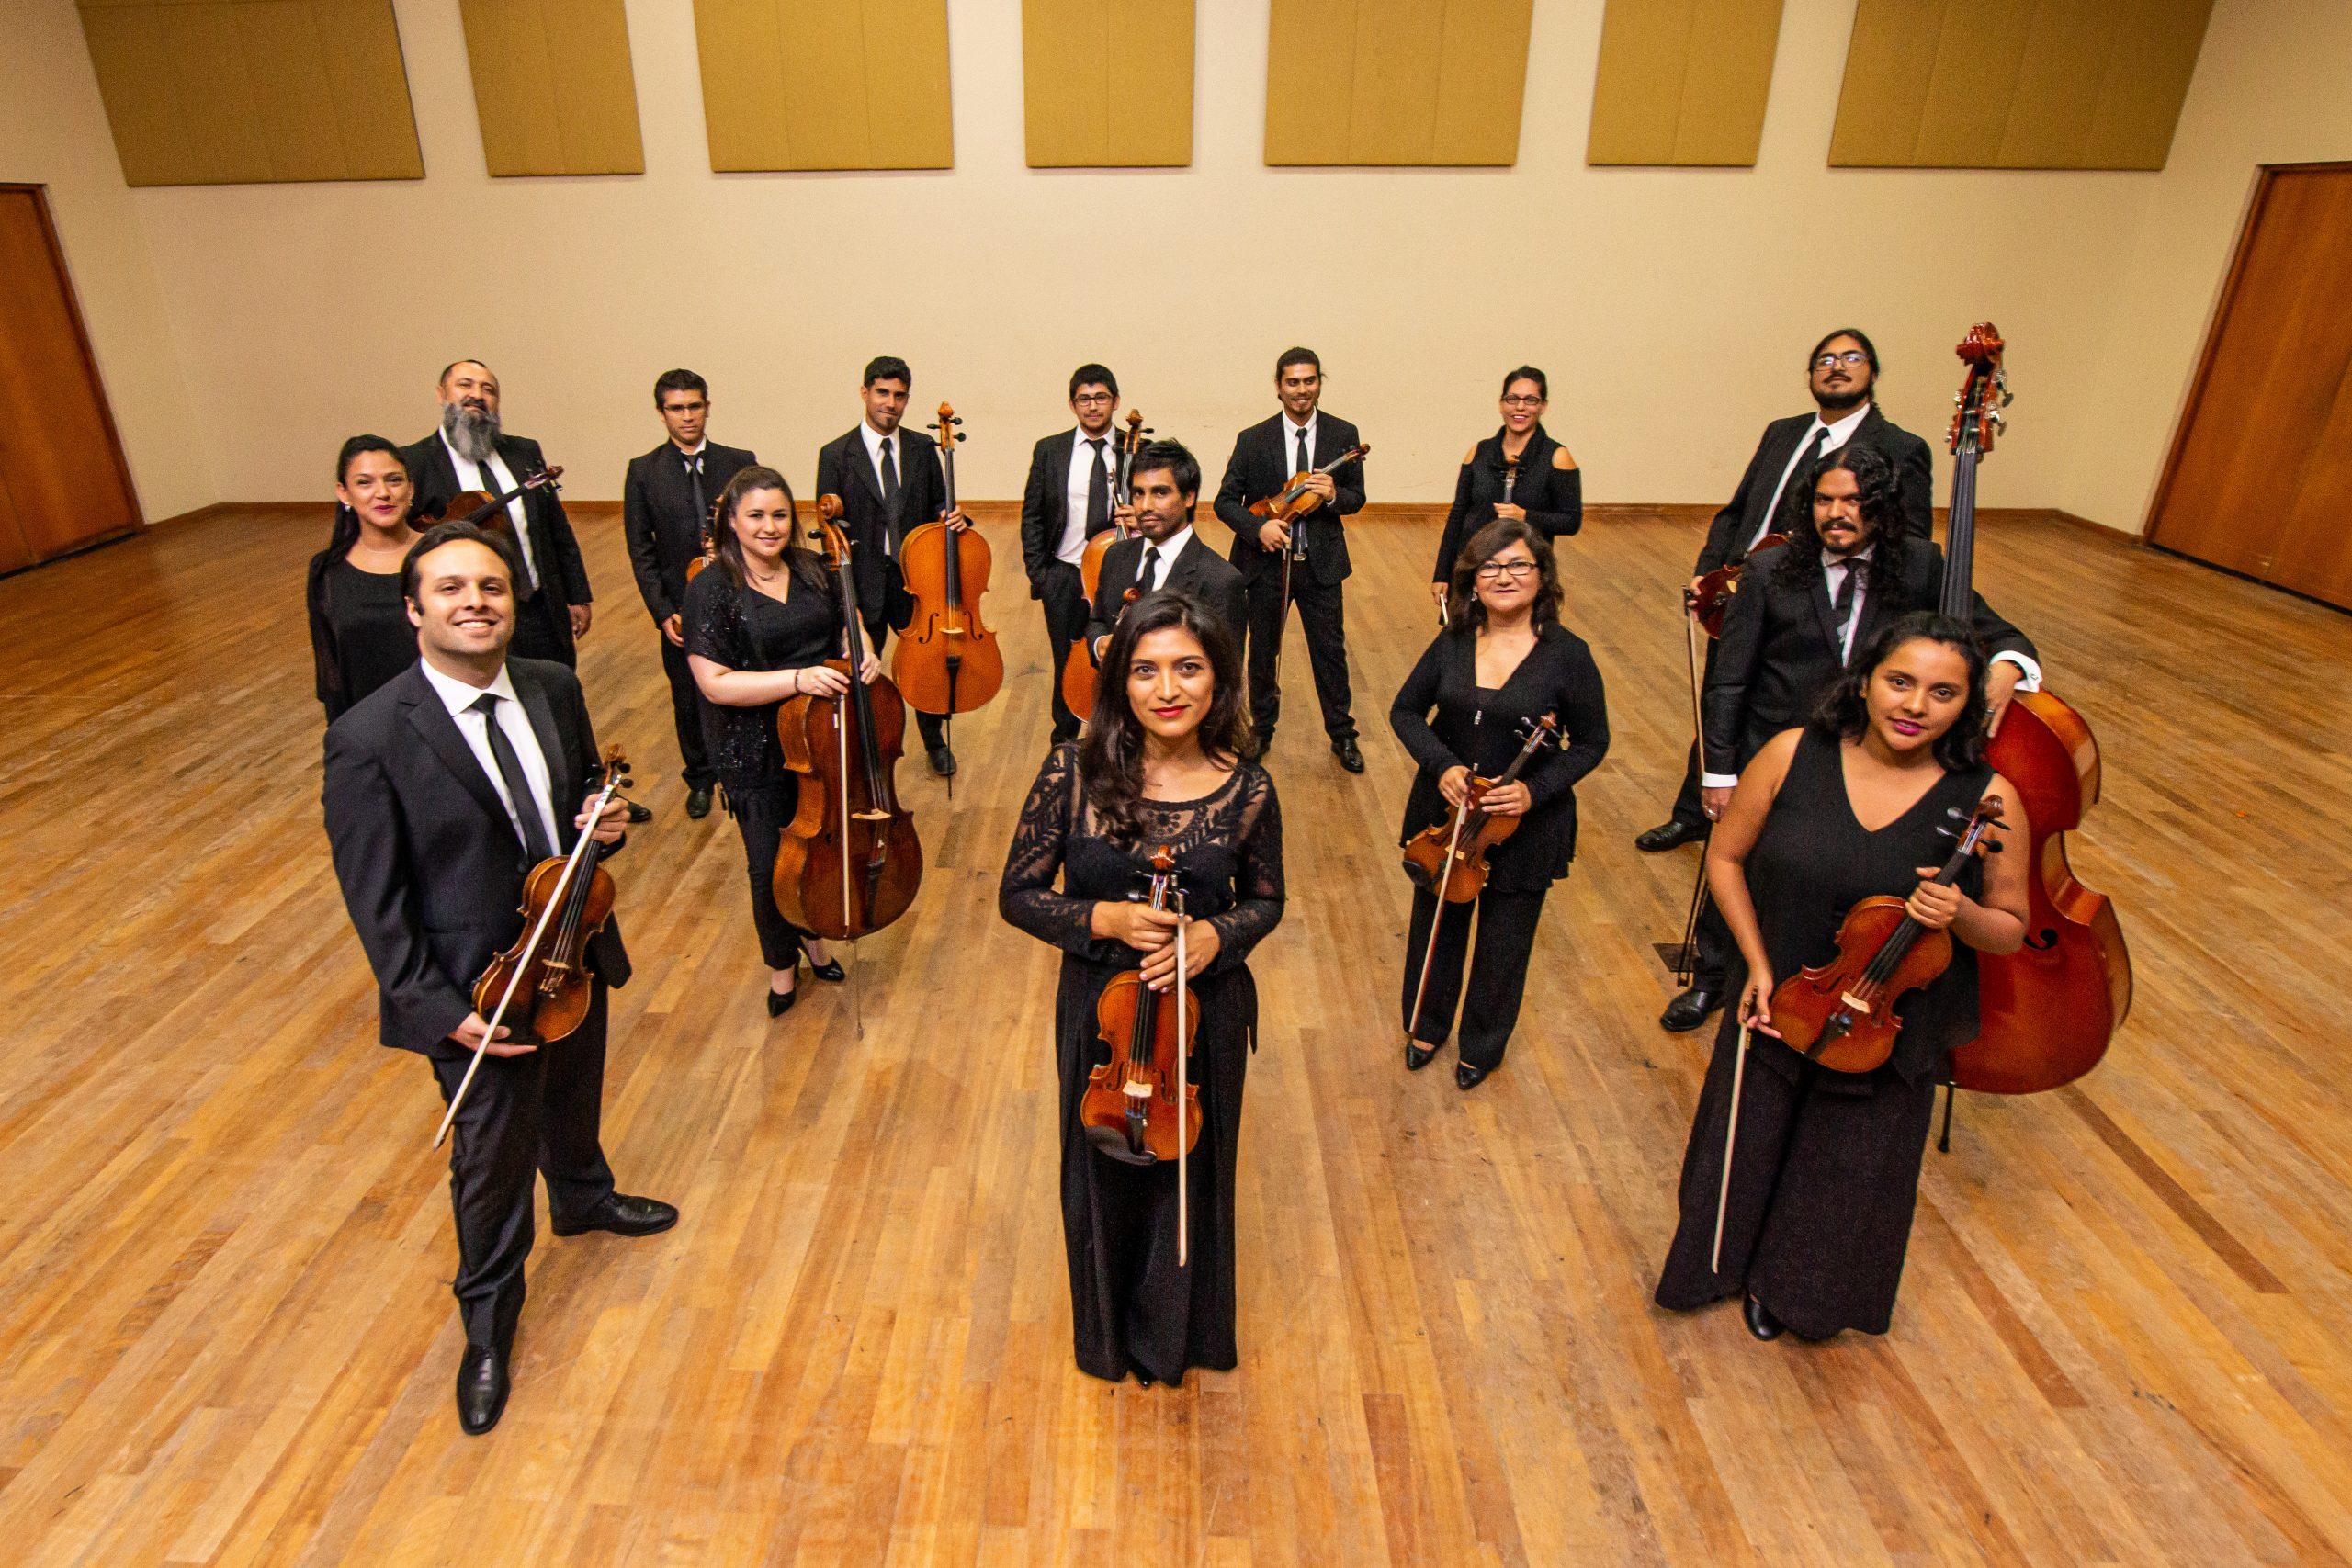 Orquesta Sinfónica de la ULS realizará un concierto en homenaje a la cantata de Santa María de Iquique